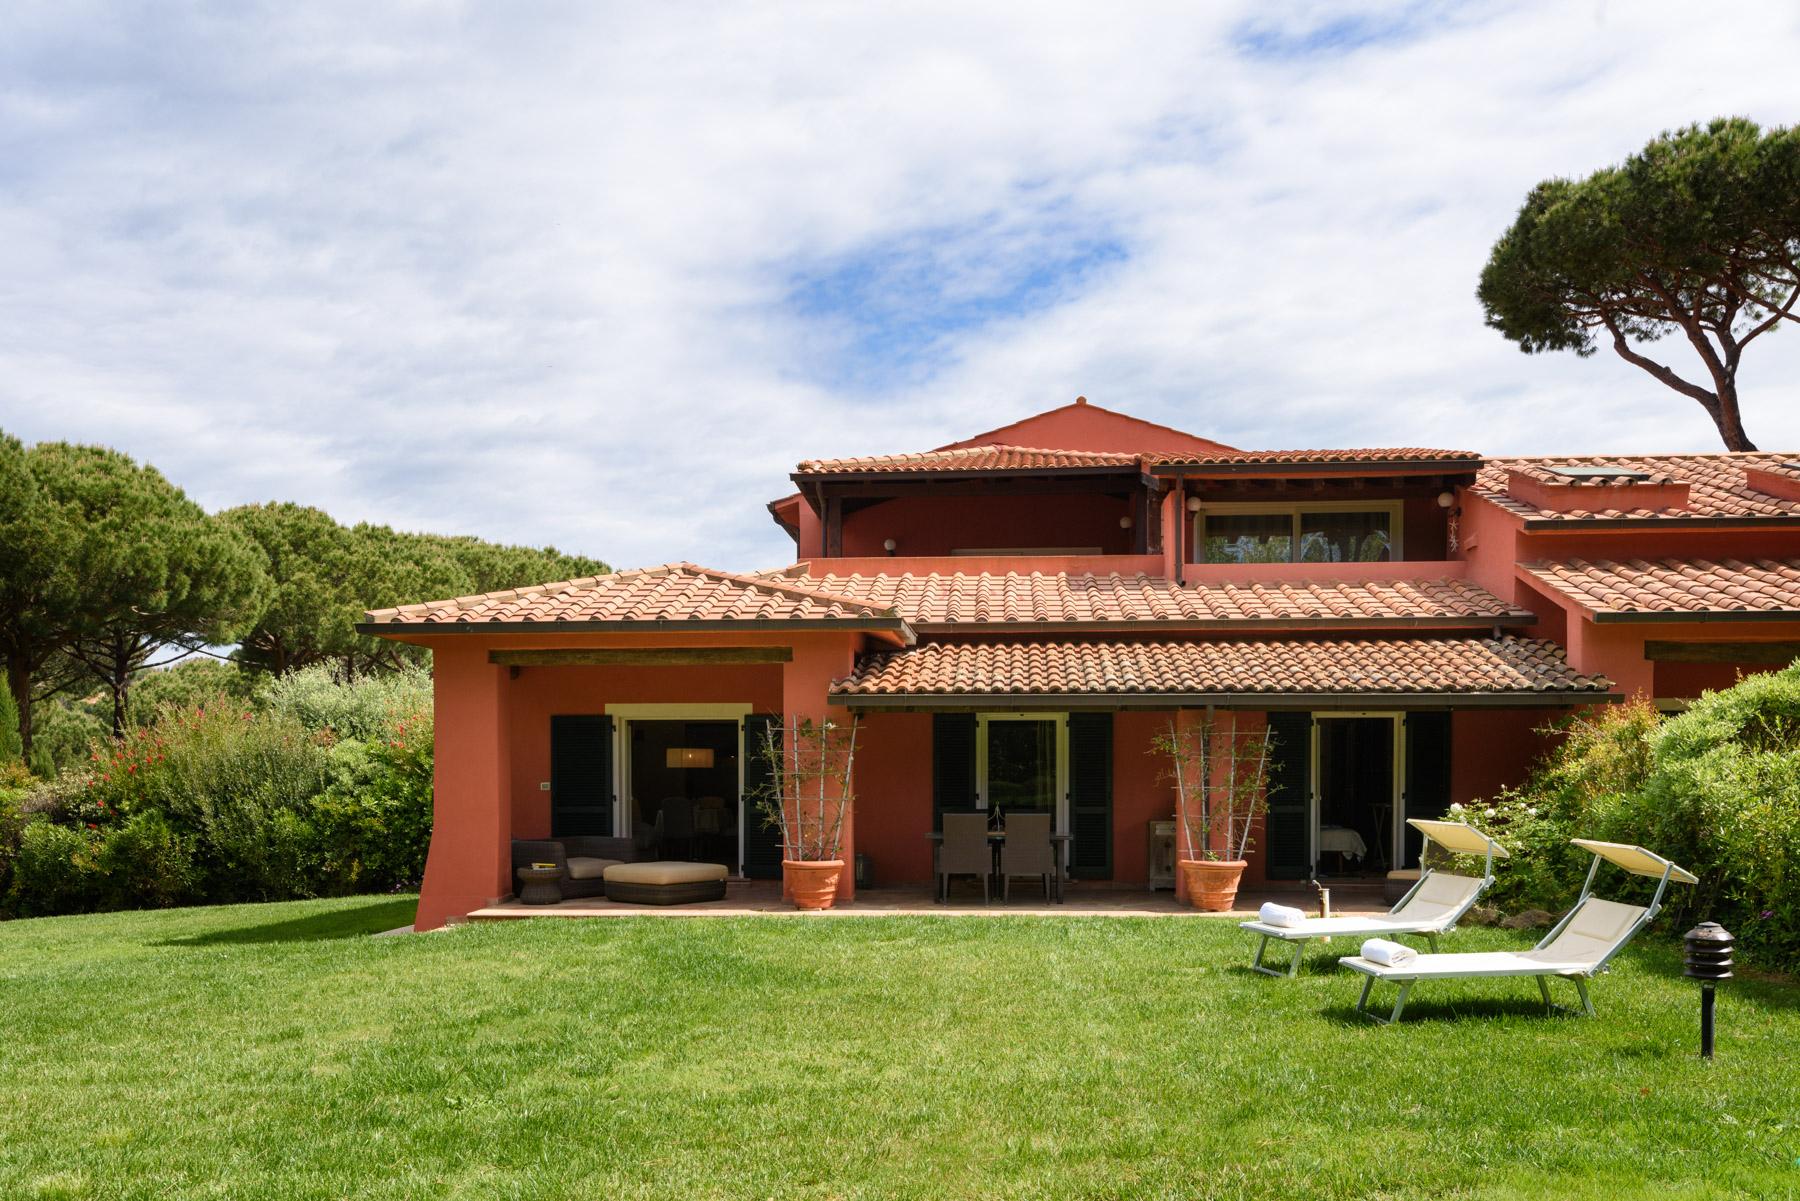 Appartamento in Vendita a Castiglione Della Pescaia: 5 locali, 100 mq - Foto 2